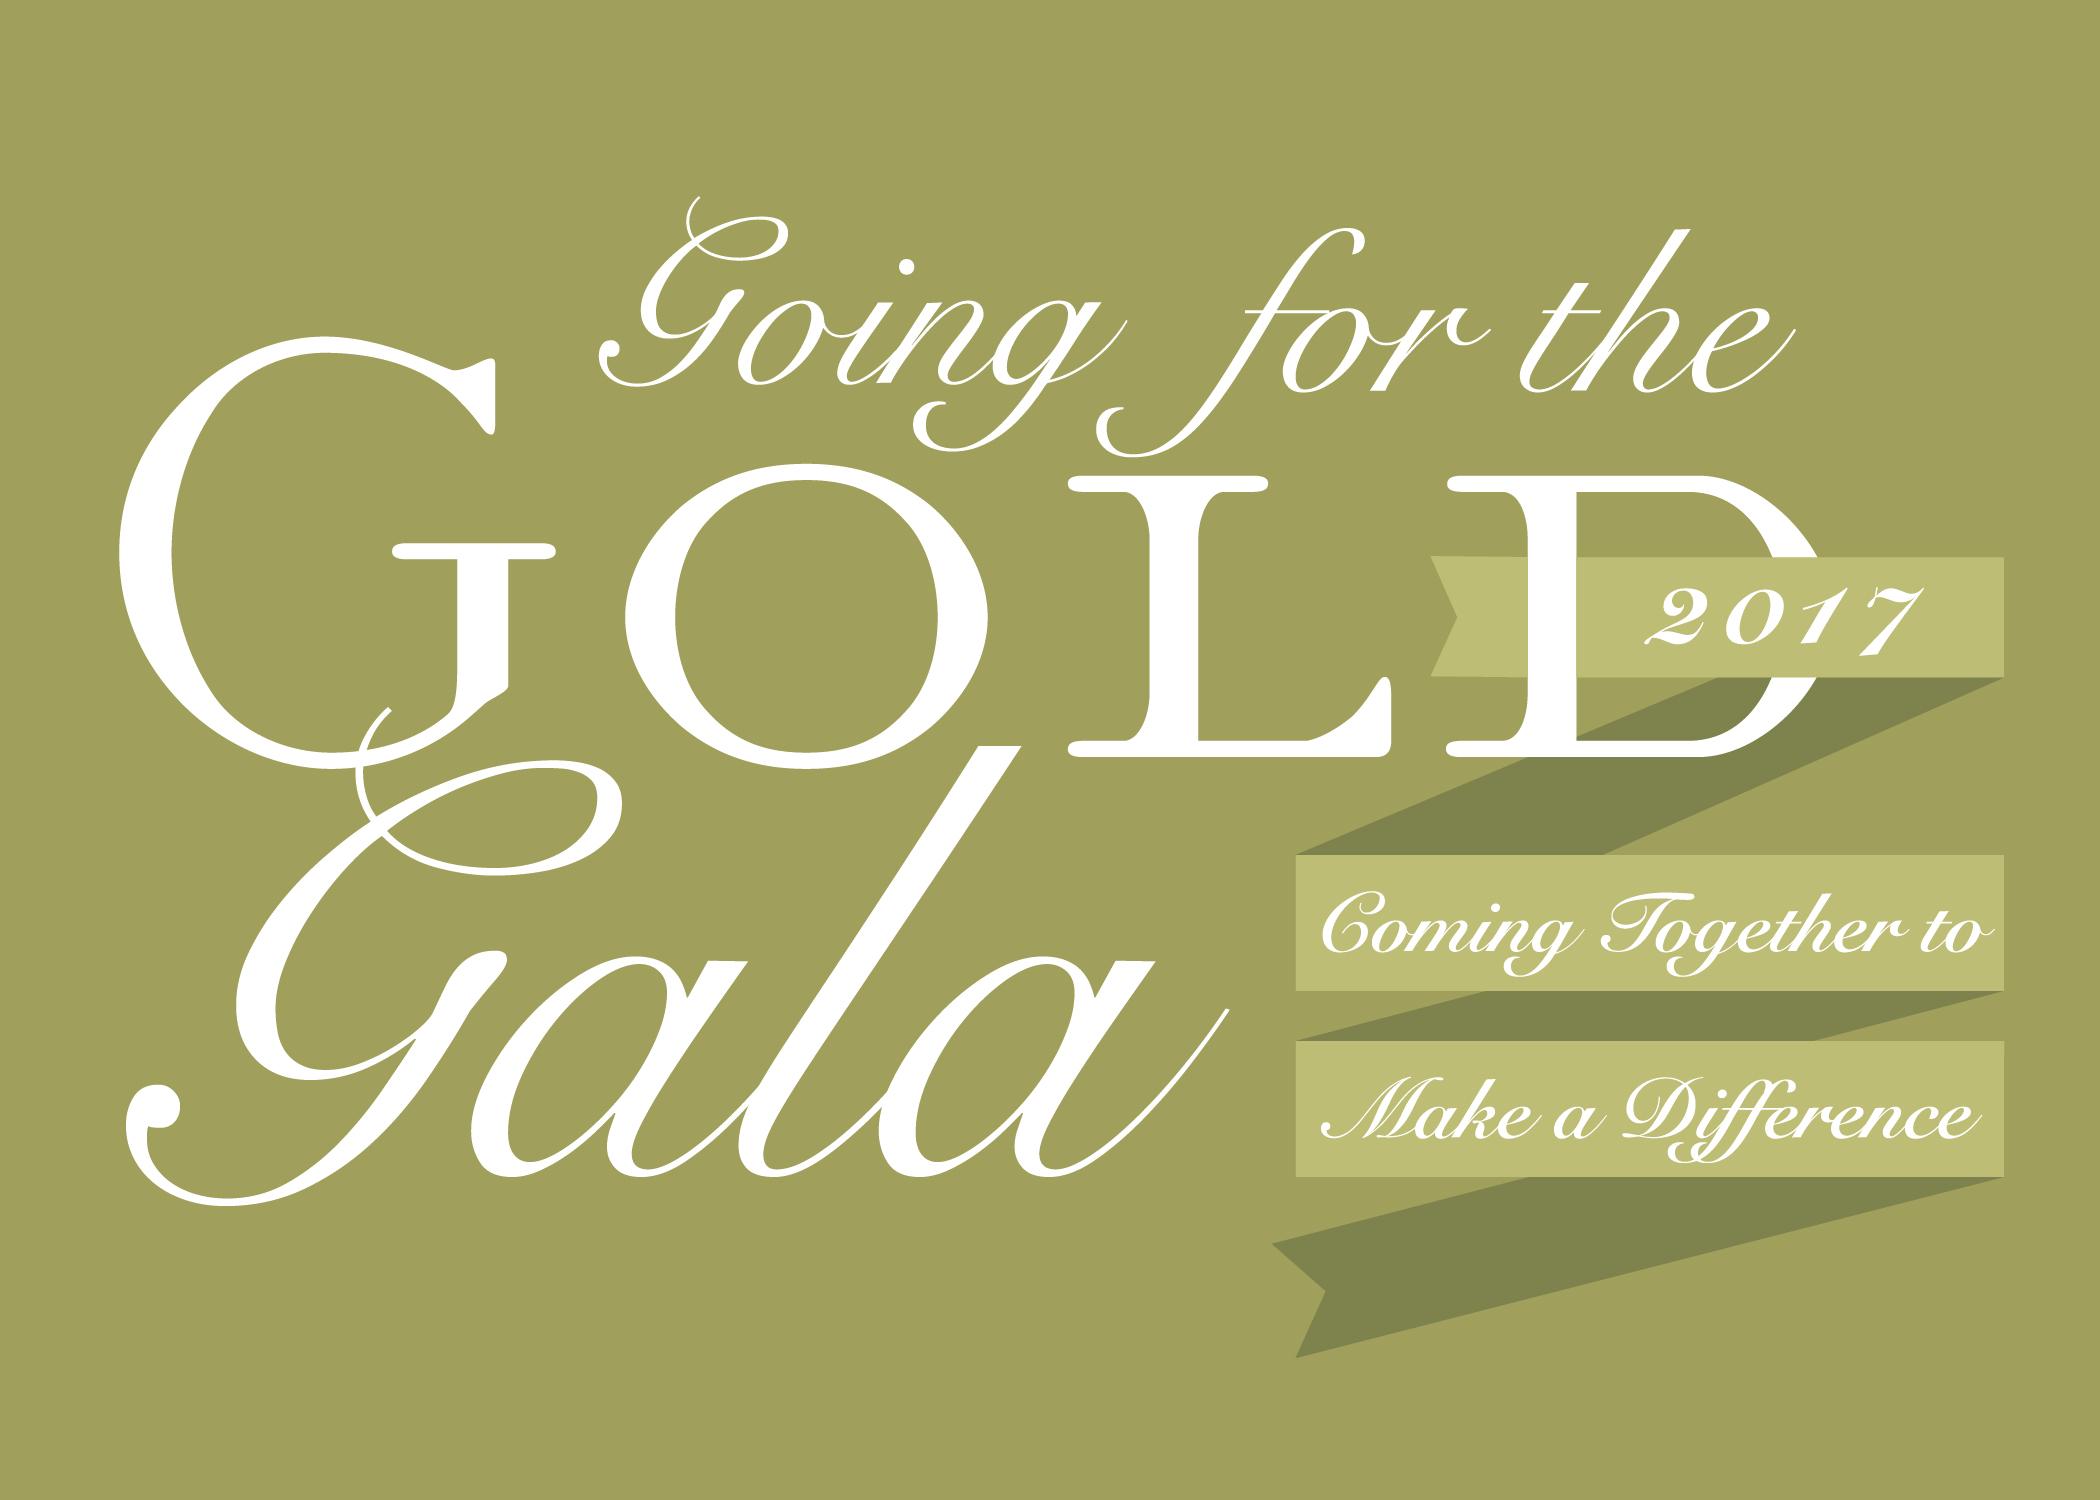 Gala logo 2017 - gold